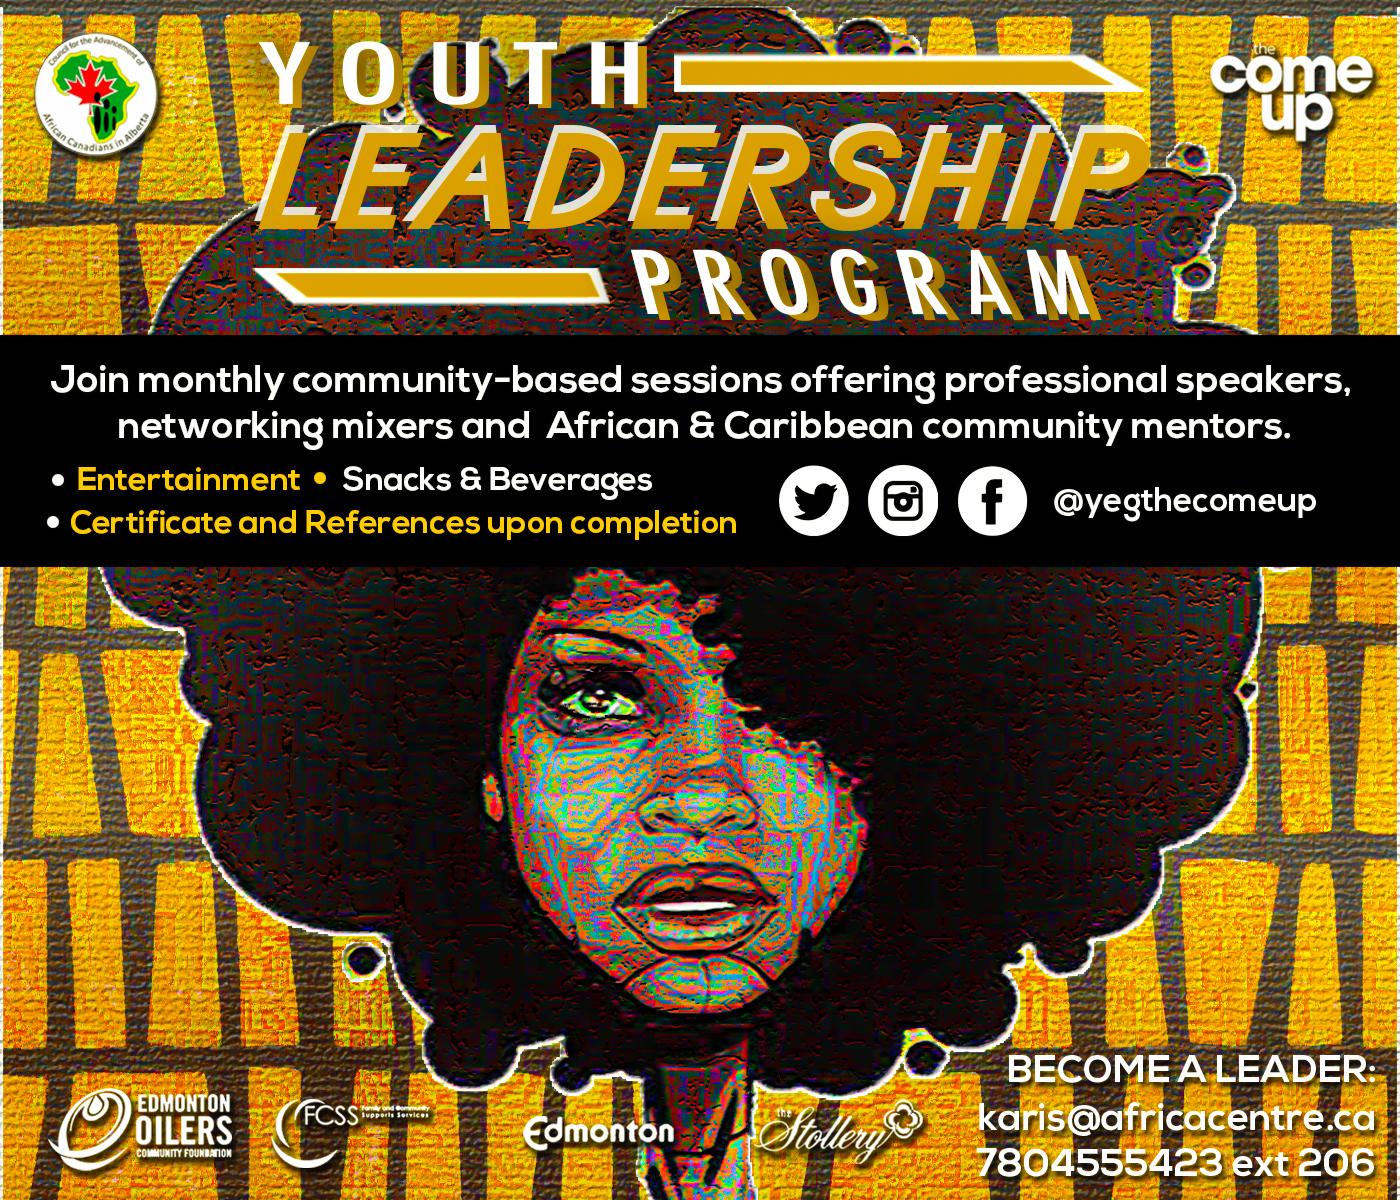 Leadership Program Poster.jpg